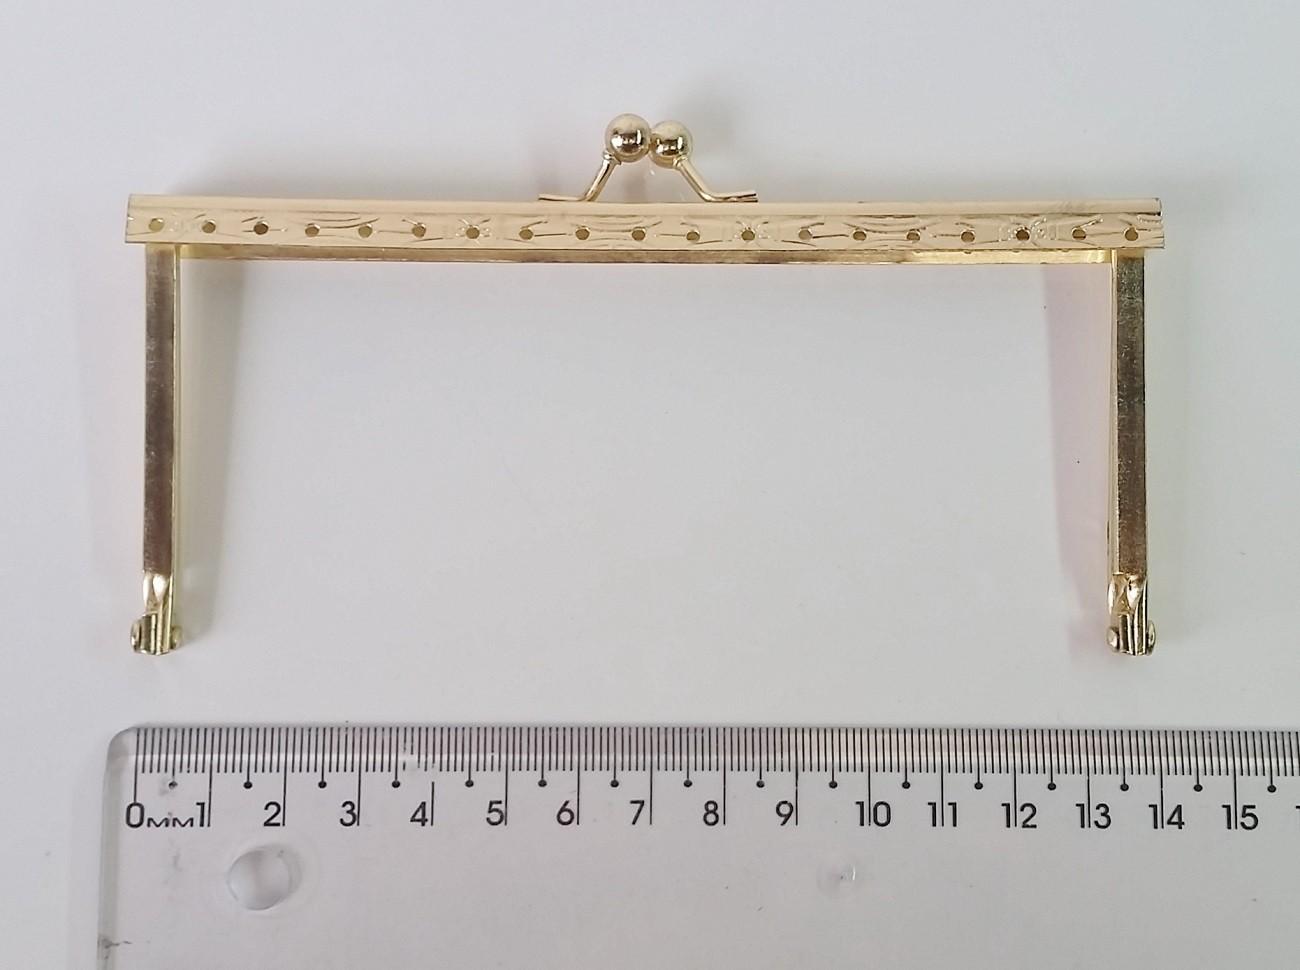 Armação 14cm x 6cm Desenhada c/ furos e argolas Latonada